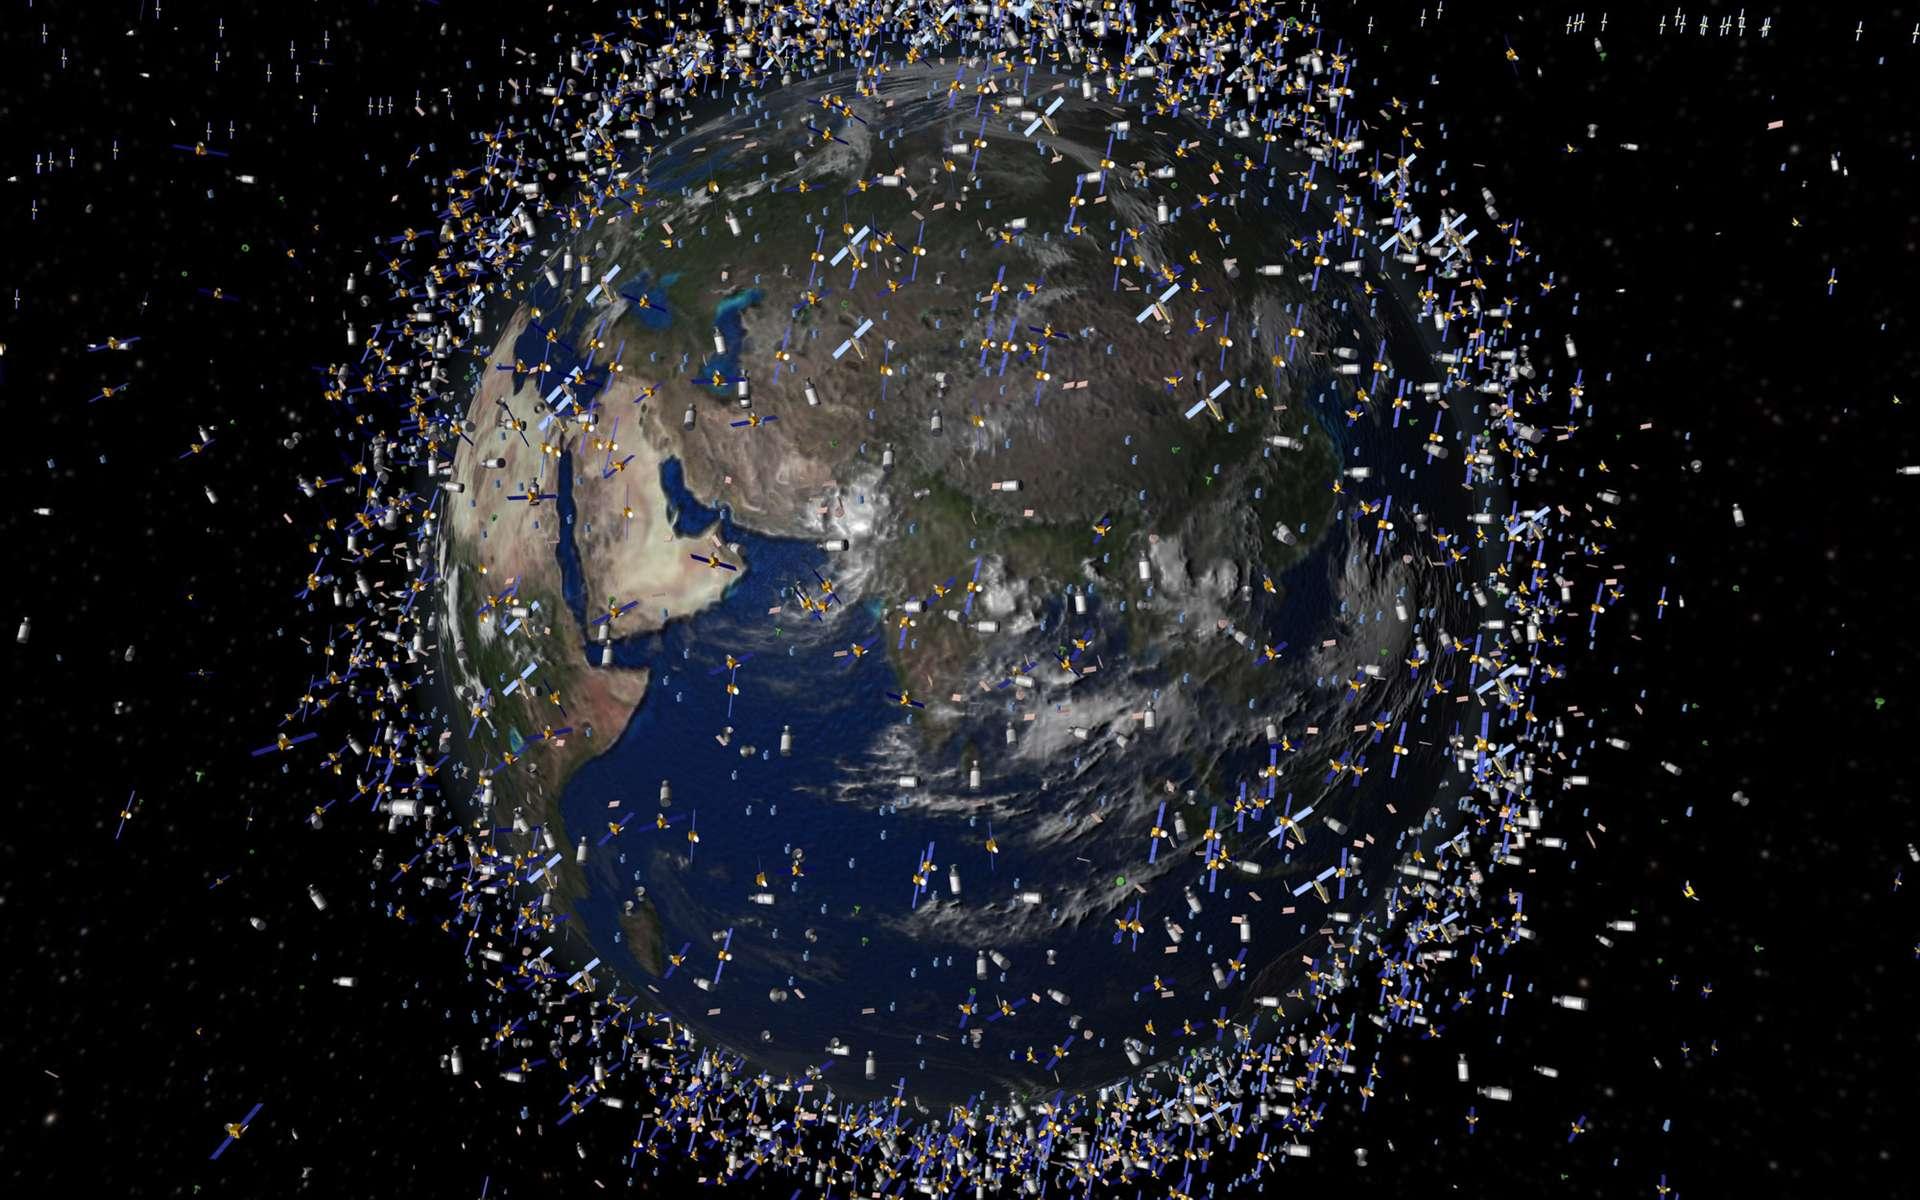 Si rien n'est fait pour éviter l'accroissement du nombre de débris spatiaux en orbite autour de la Terre, l'Homme risque de rendre certaines orbites inutilisables, à jamais. © Esa, 2009